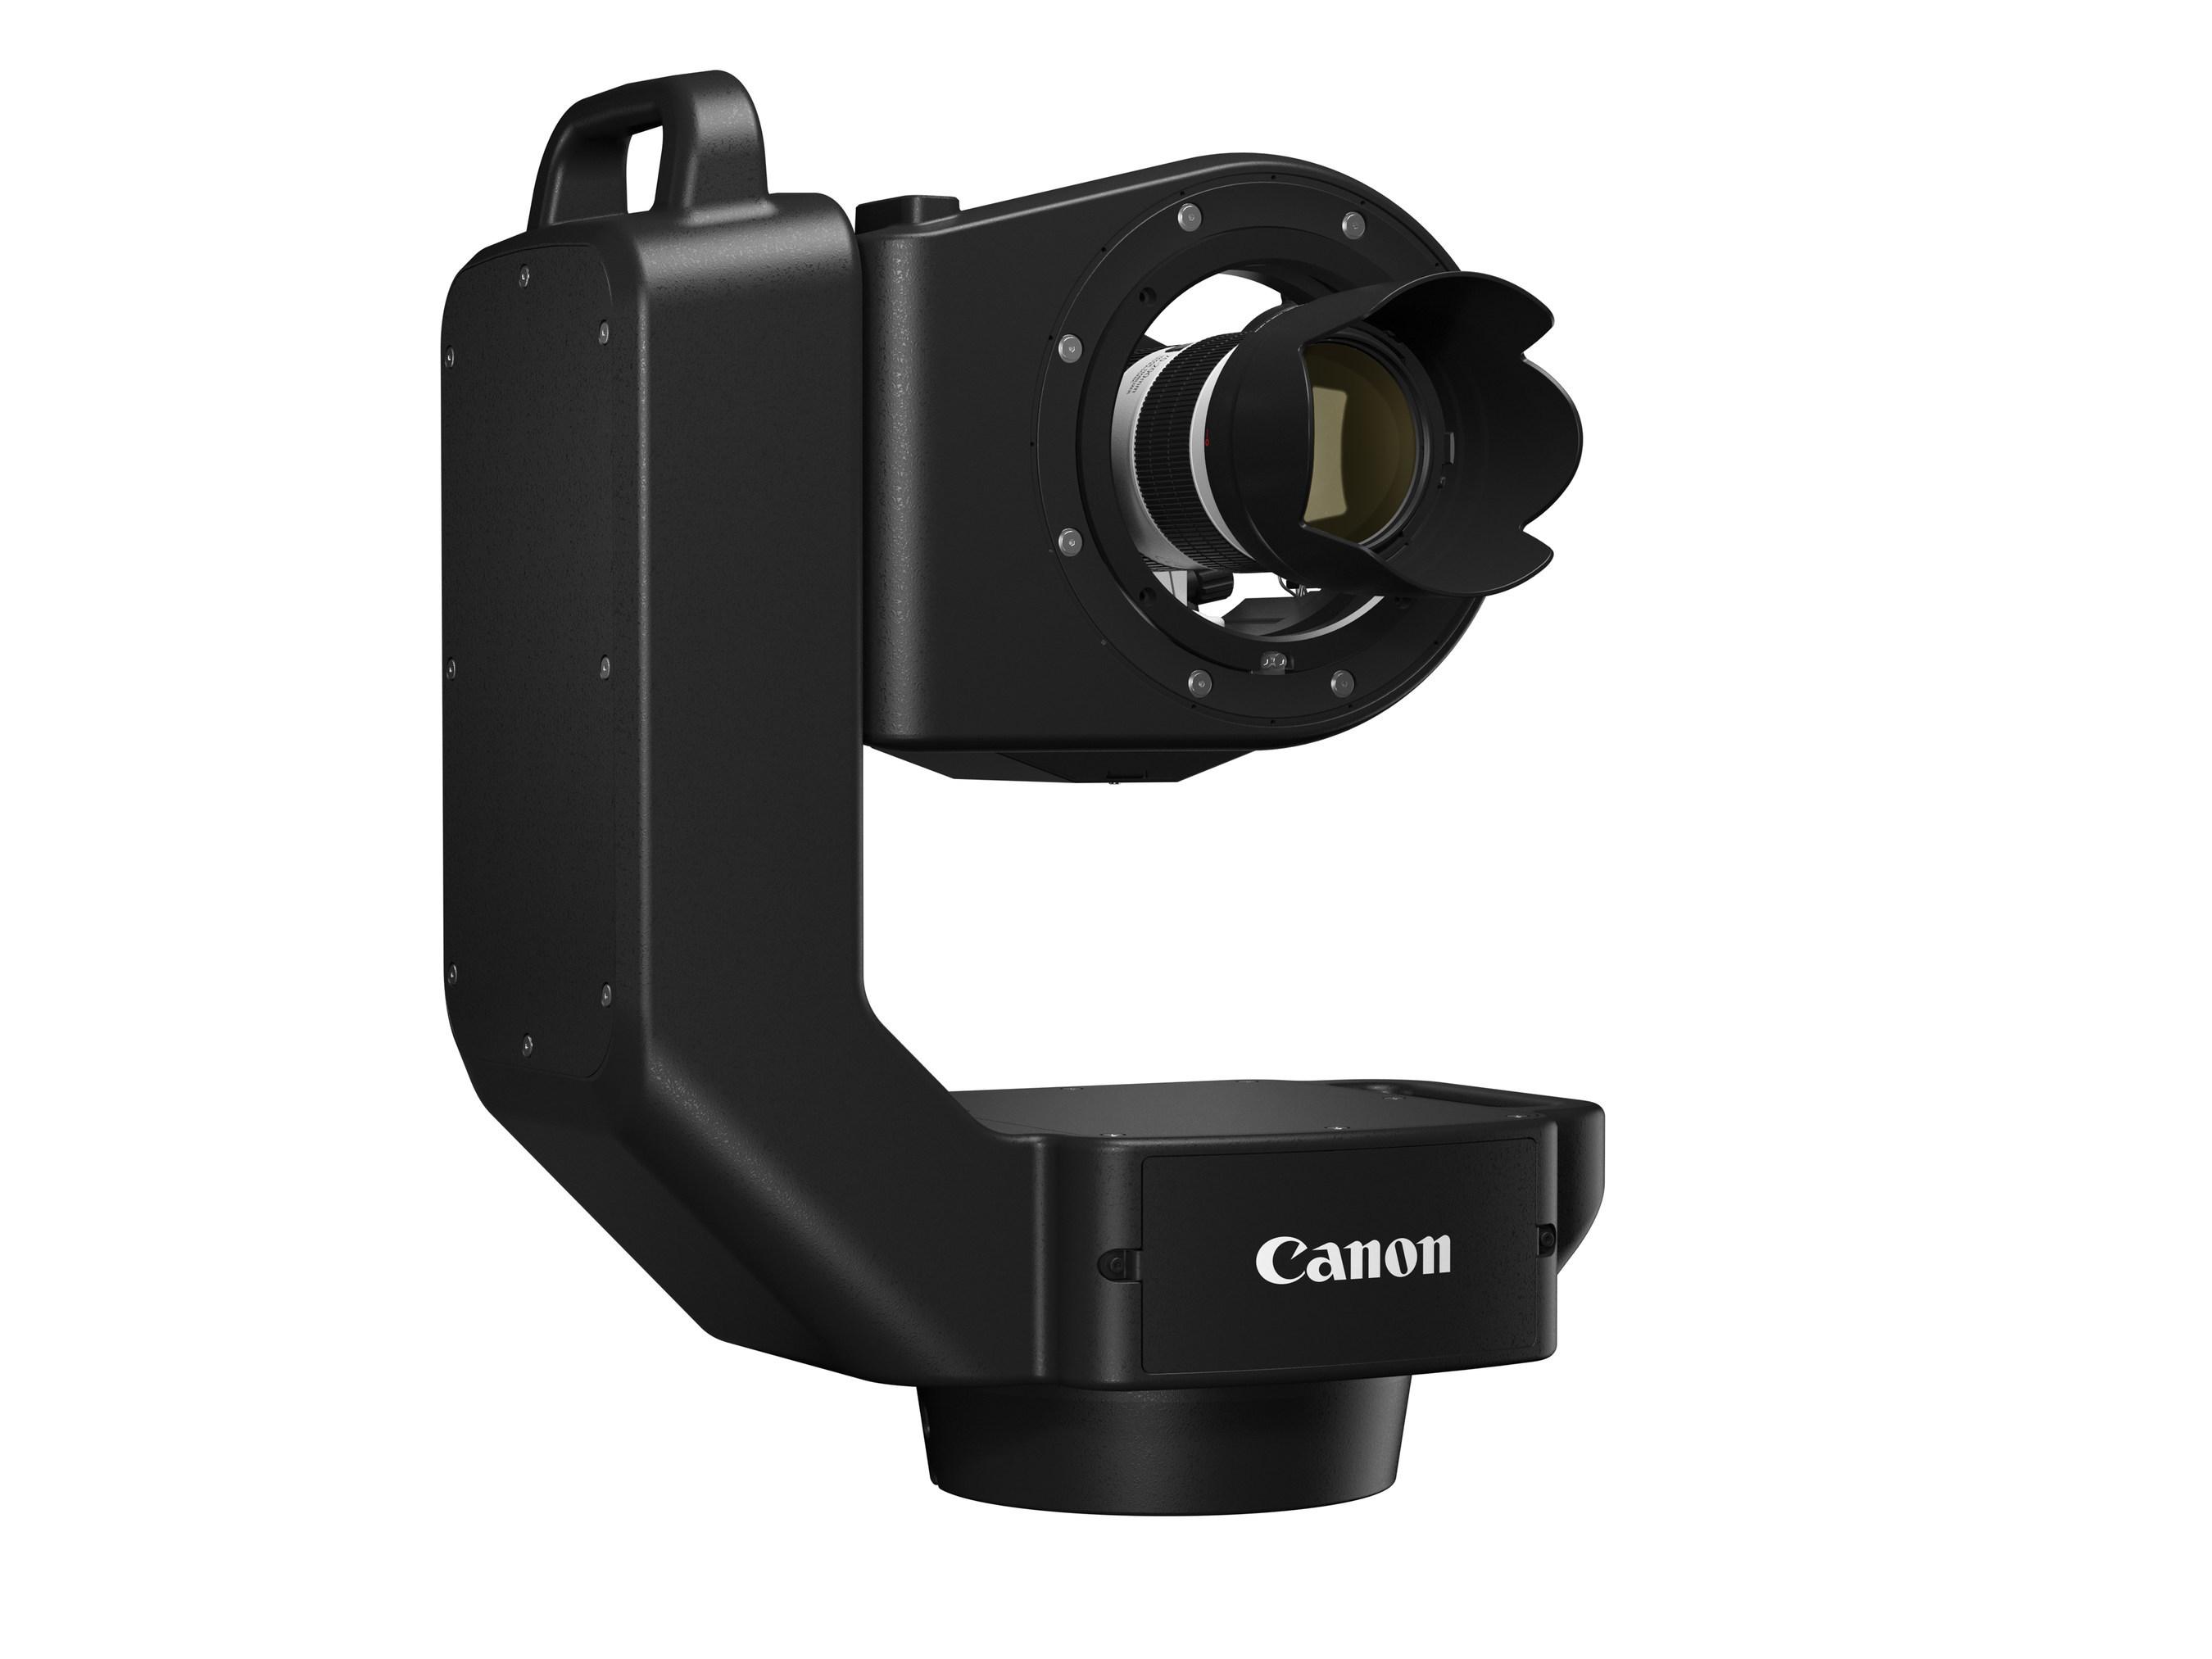 Canon Robotic Device